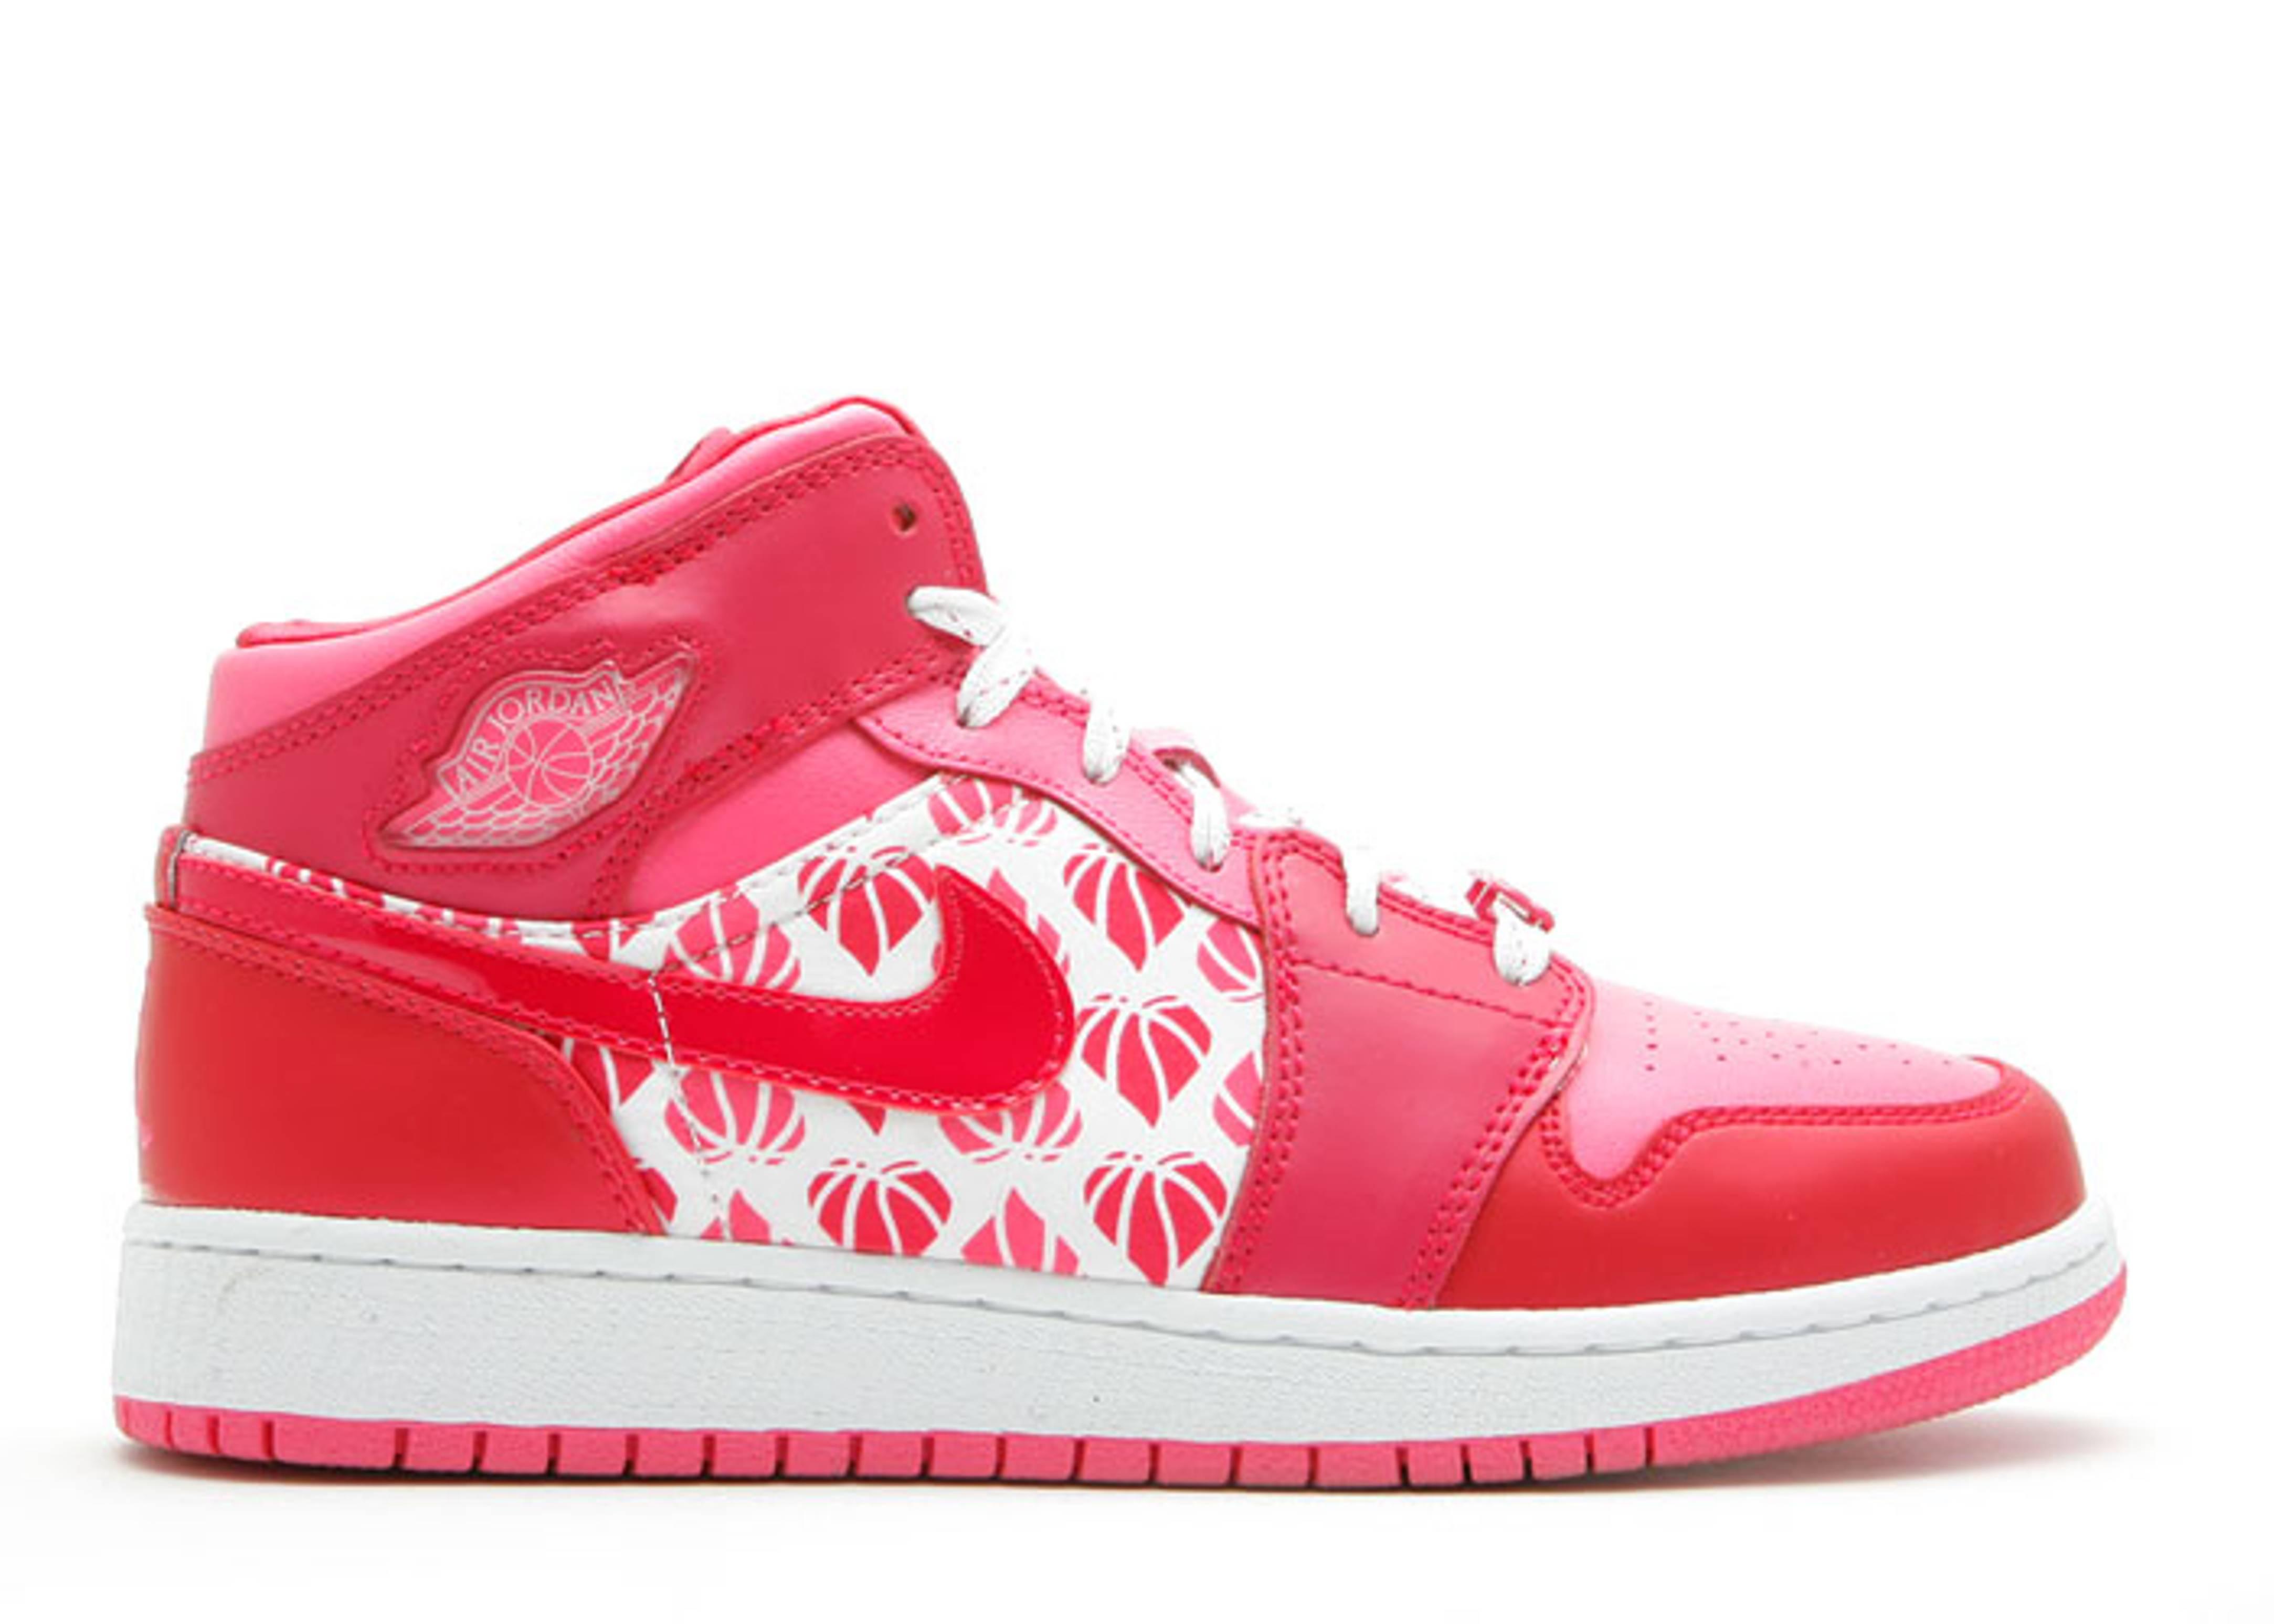 4a6164a0466 Girls Jordan 1 Premium (gs)